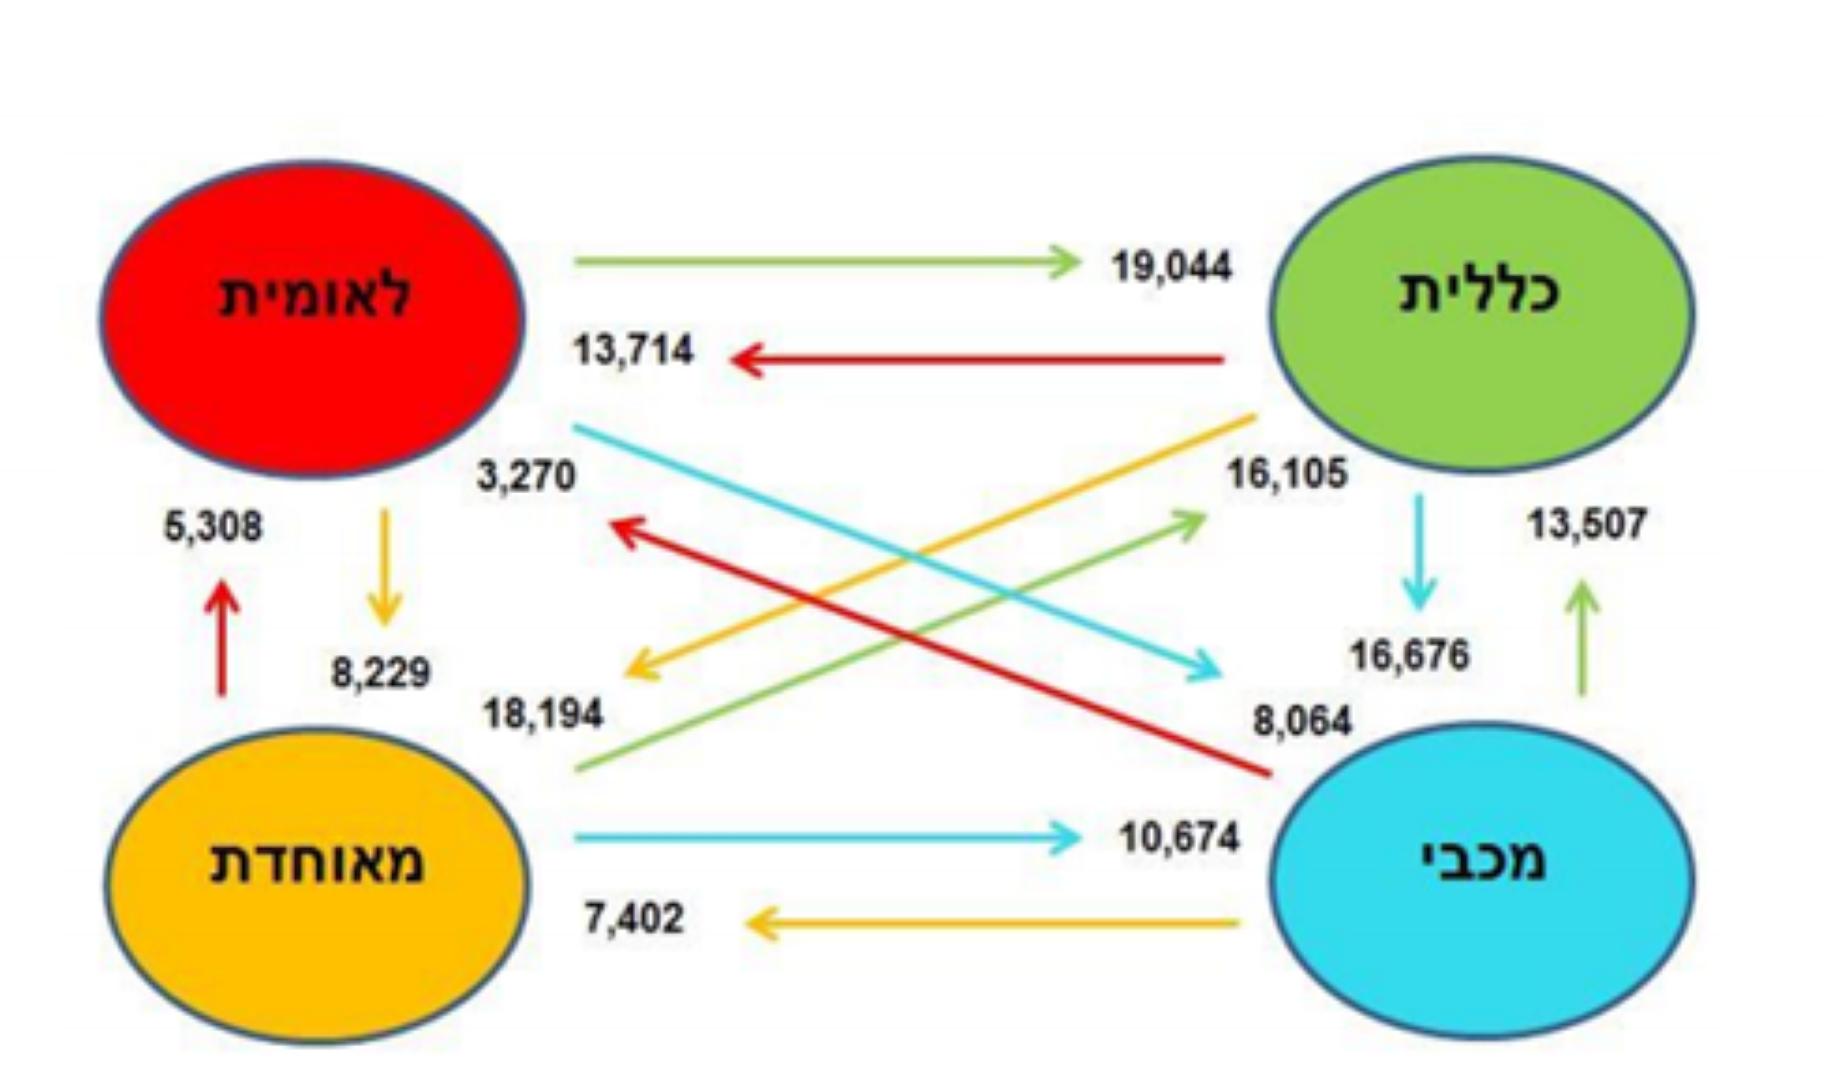 המעברים בין הקופות במהלך 2015